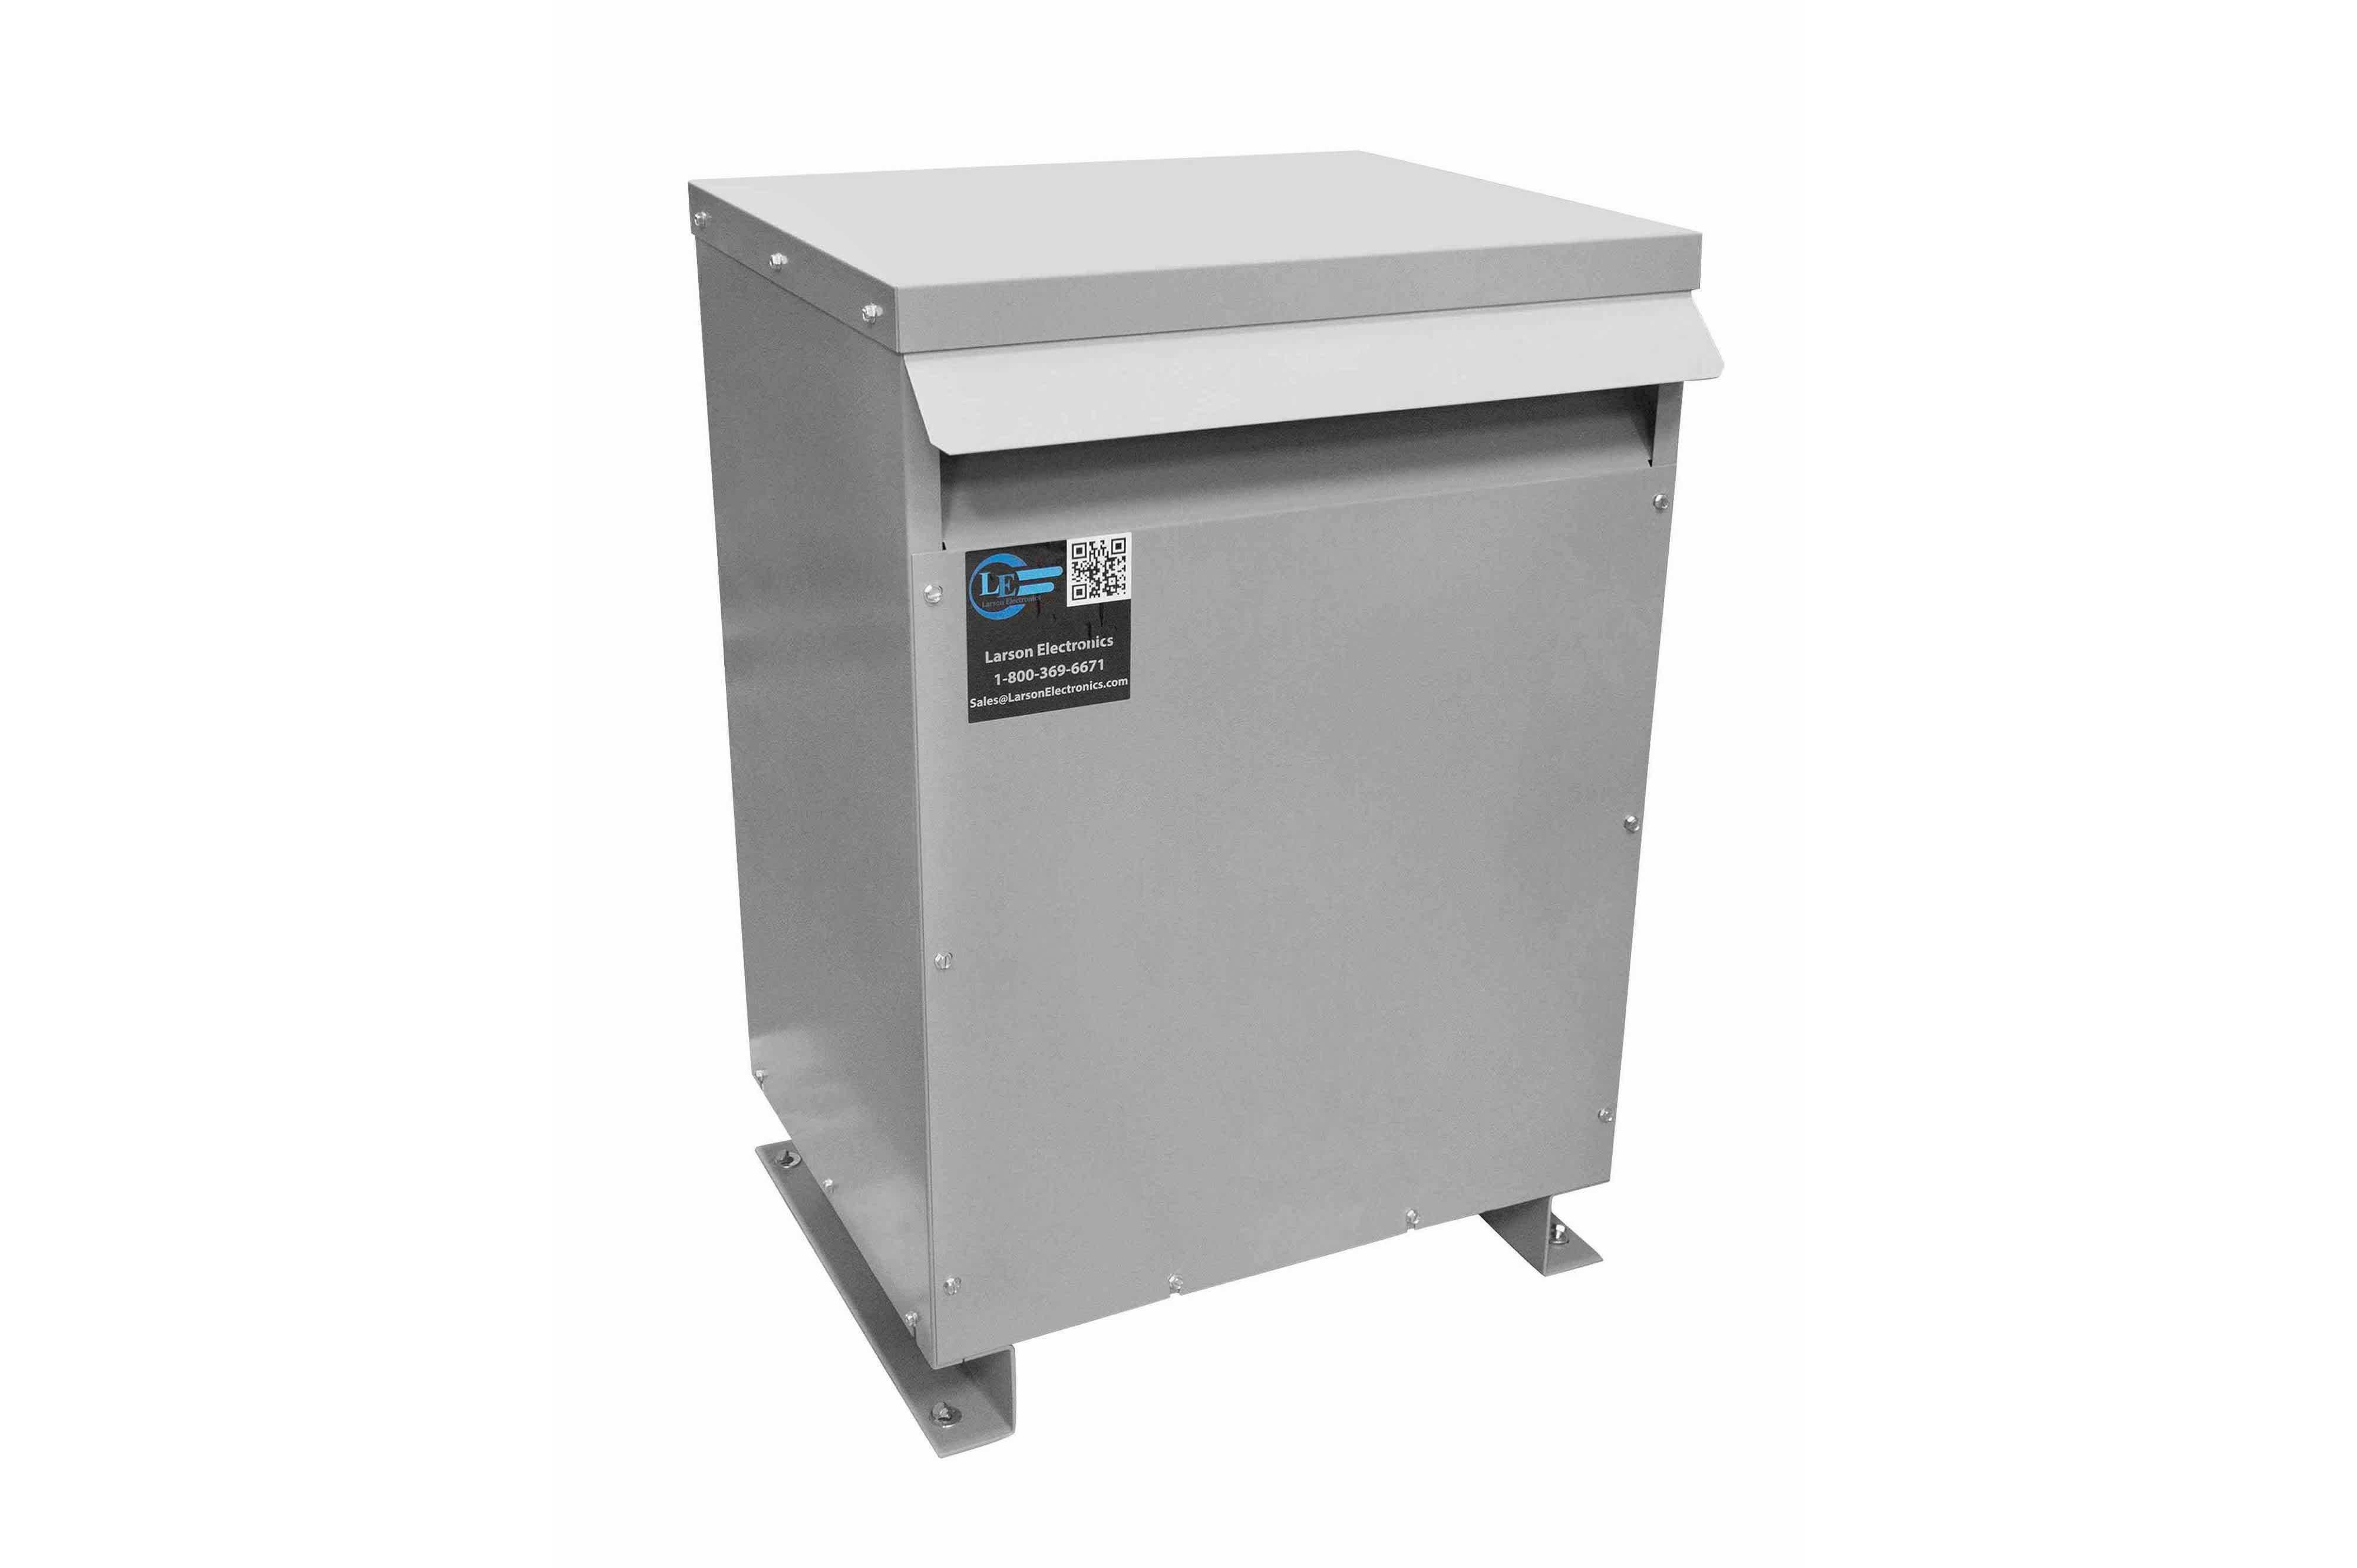 36 kVA 3PH Isolation Transformer, 440V Delta Primary, 240 Delta Secondary, N3R, Ventilated, 60 Hz